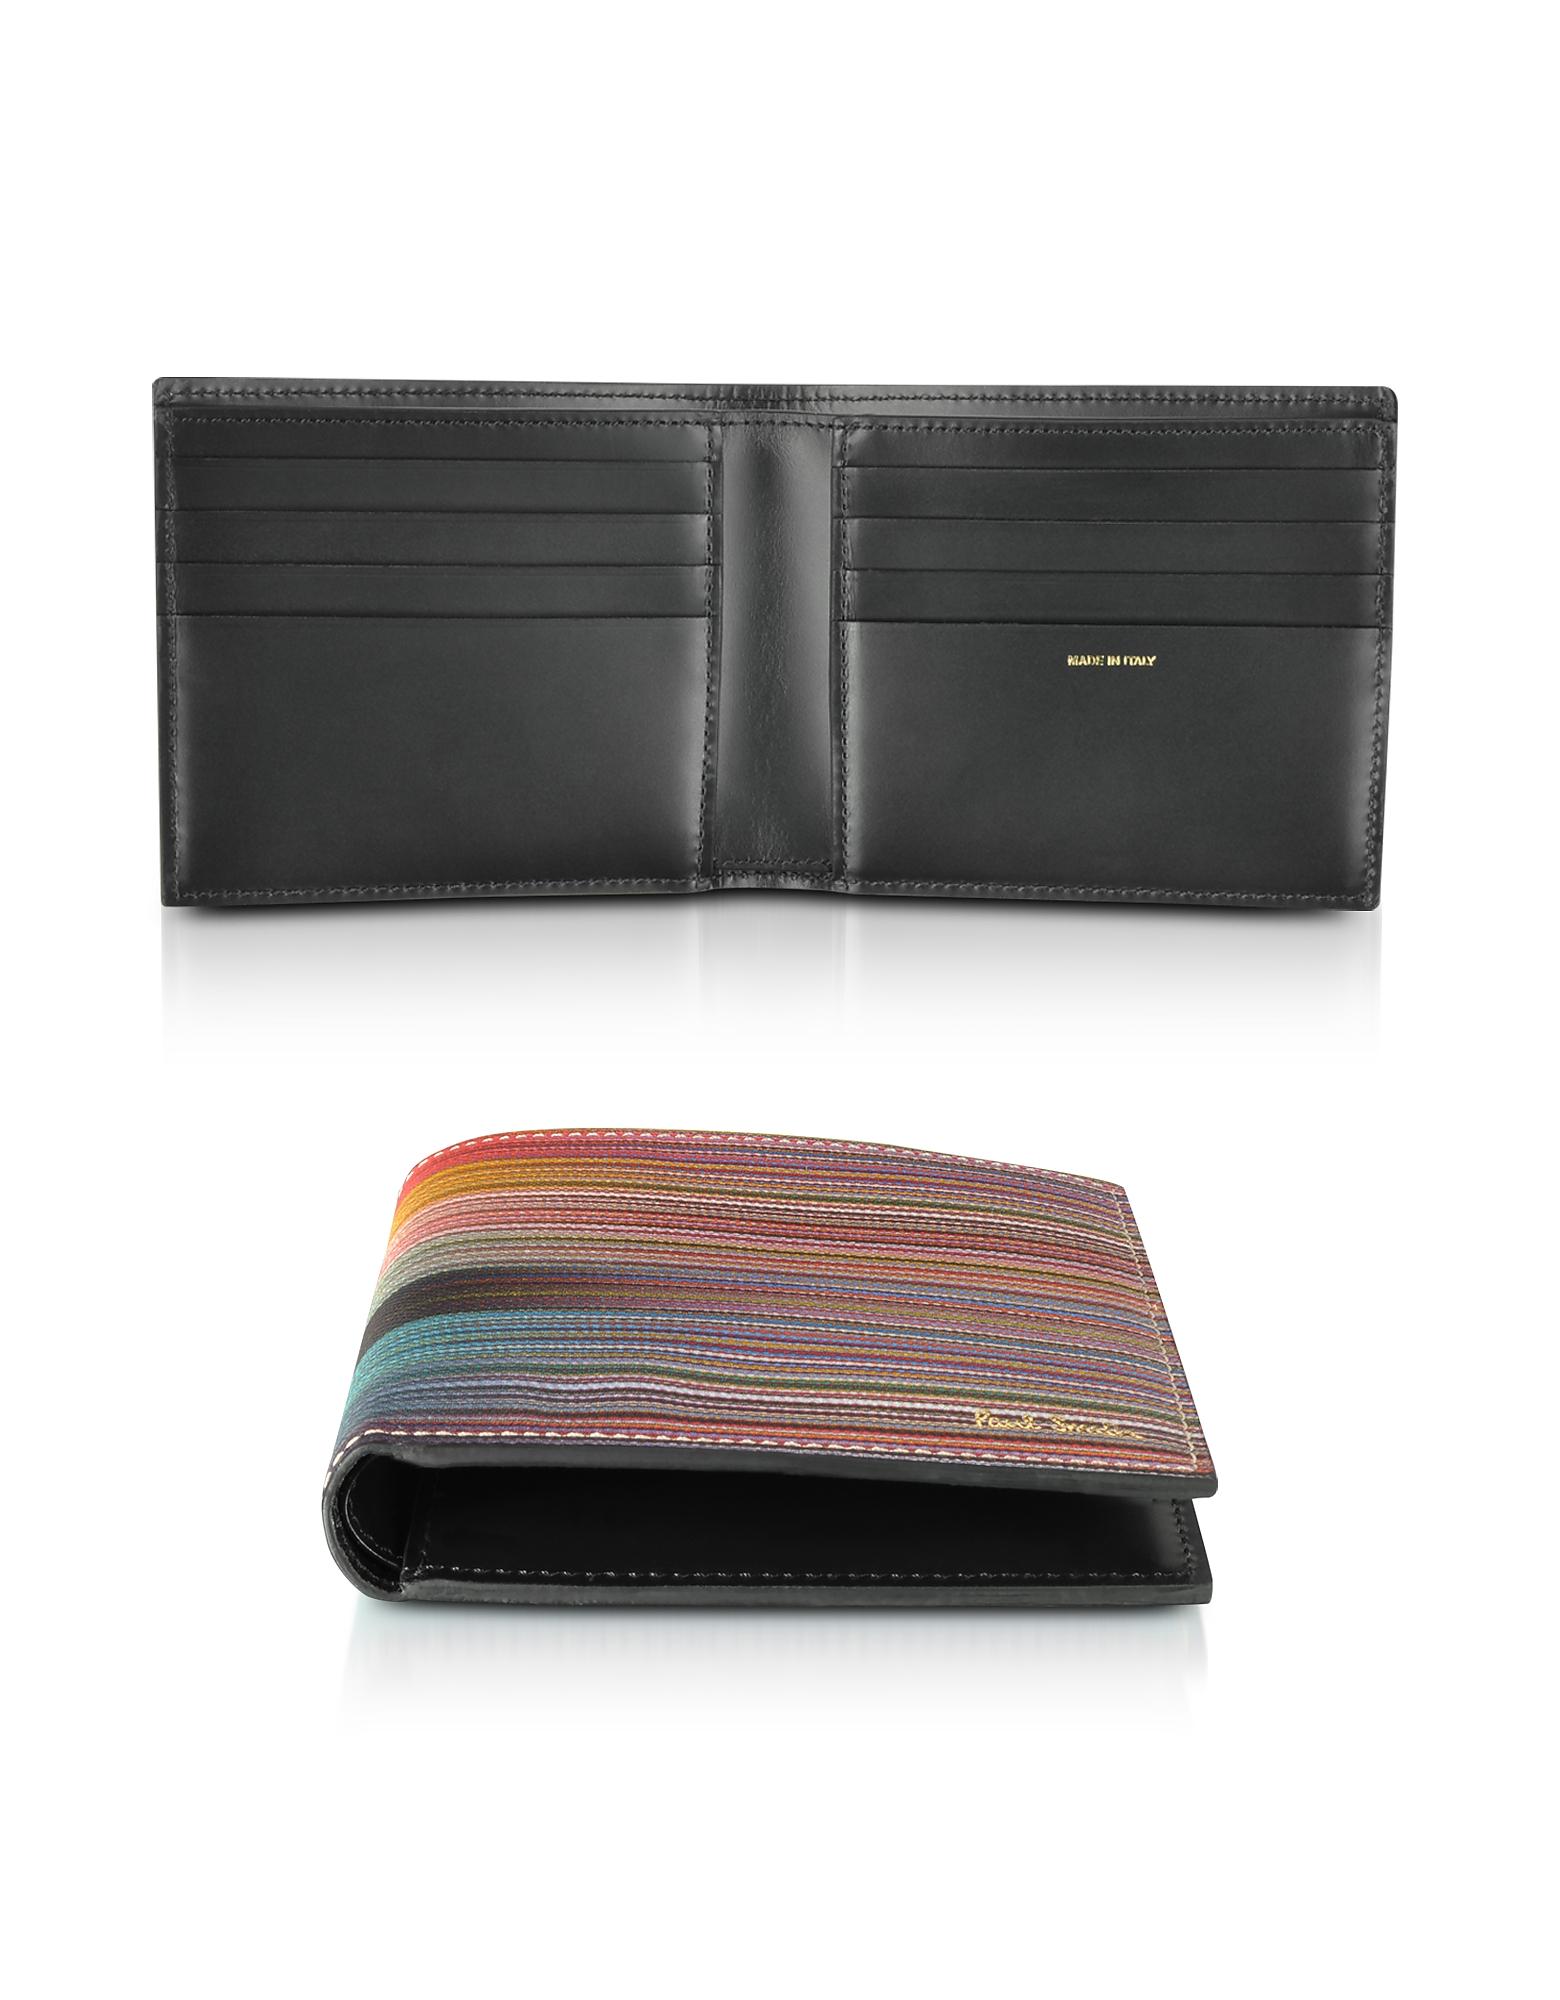 Paul Smith Wallets, Leather Mixed Stripe Men's Billfold Wallet